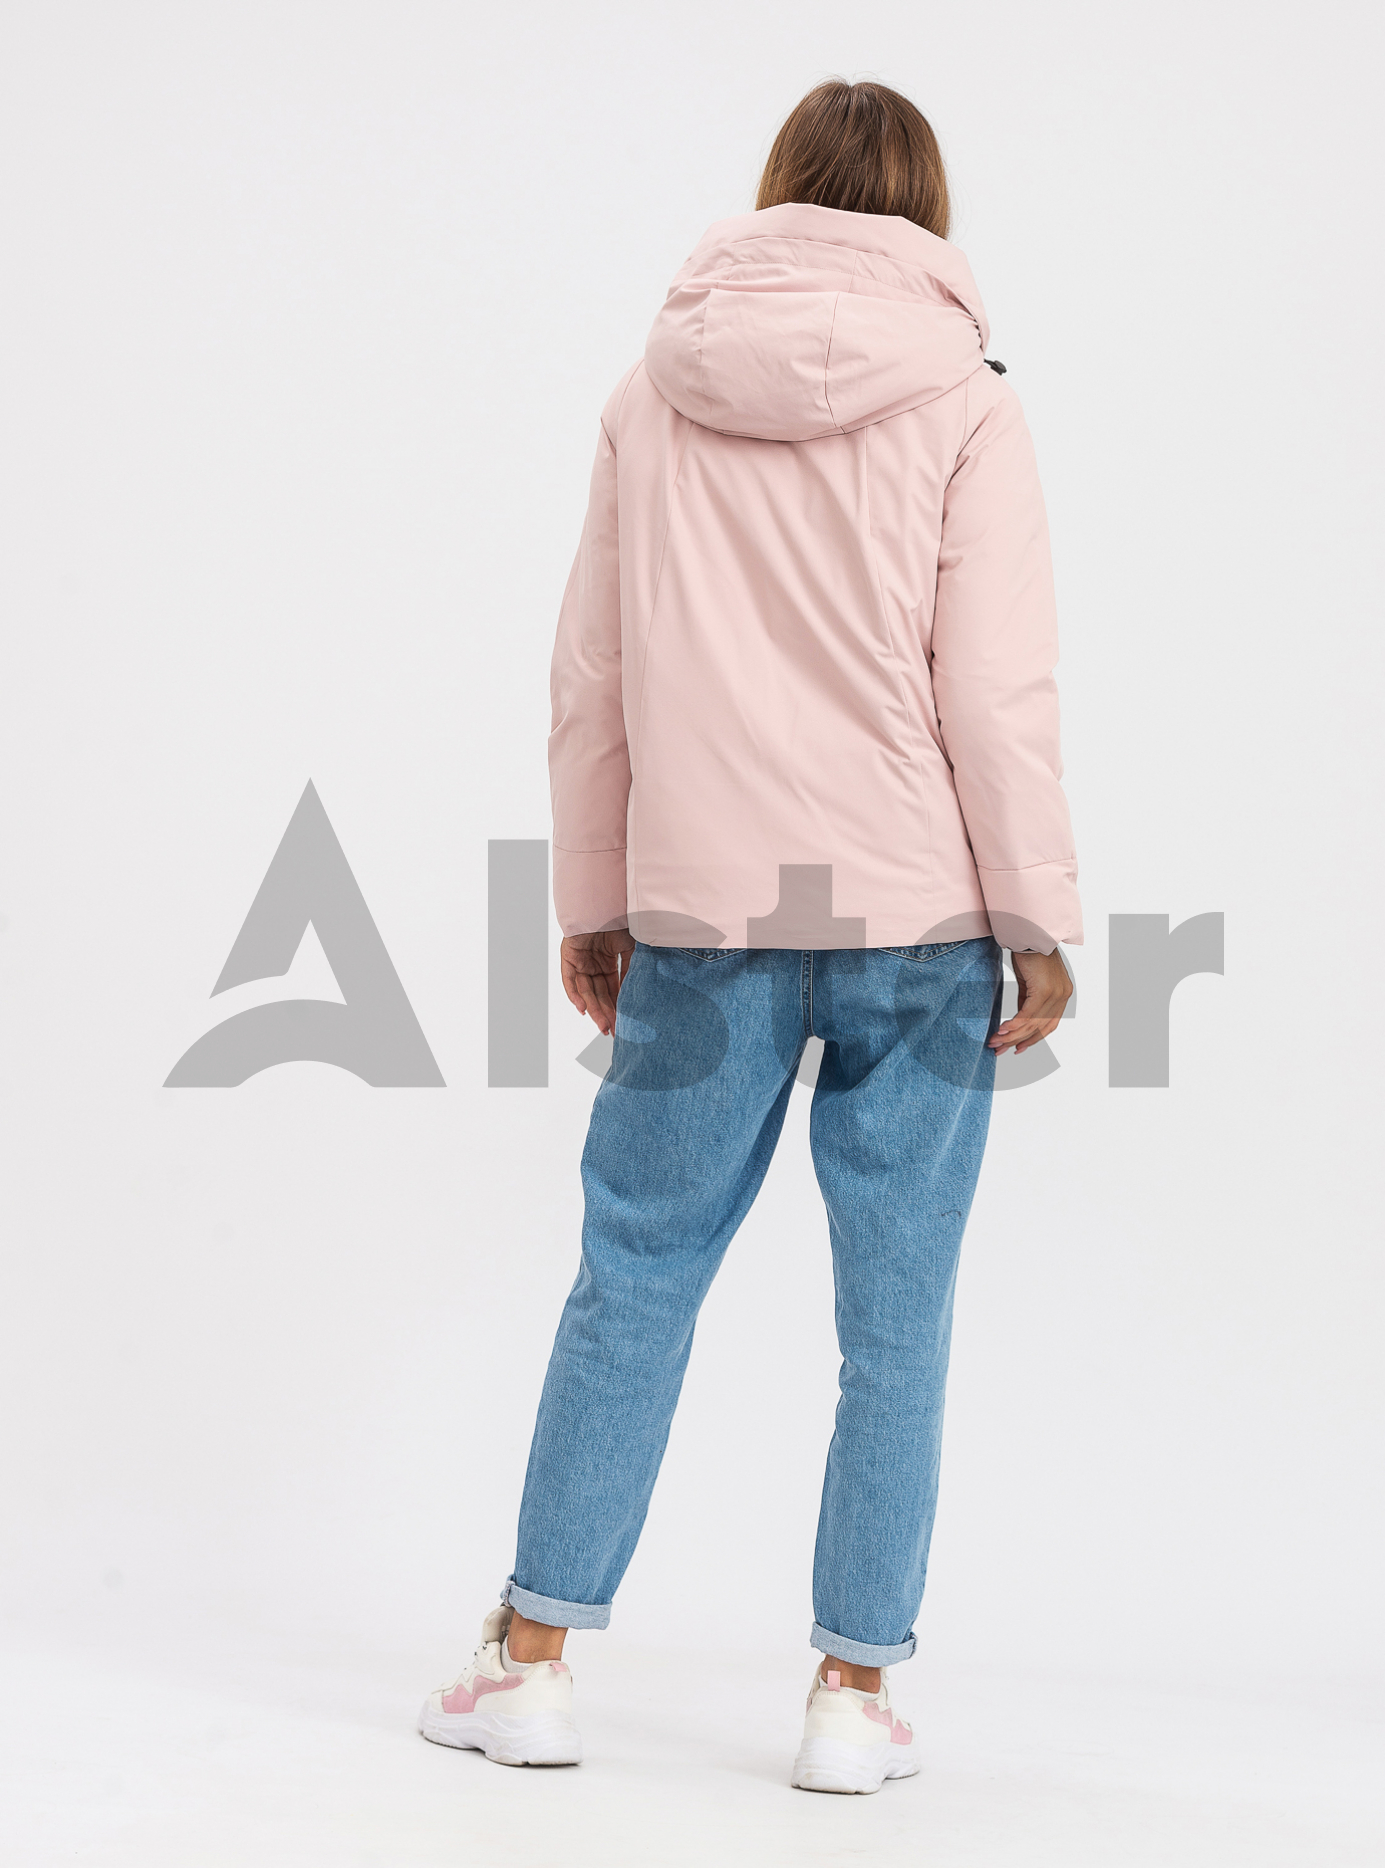 Жіноча зимова куртка TOWMY Пудра XL (TWM3370-09): фото - Alster.ua